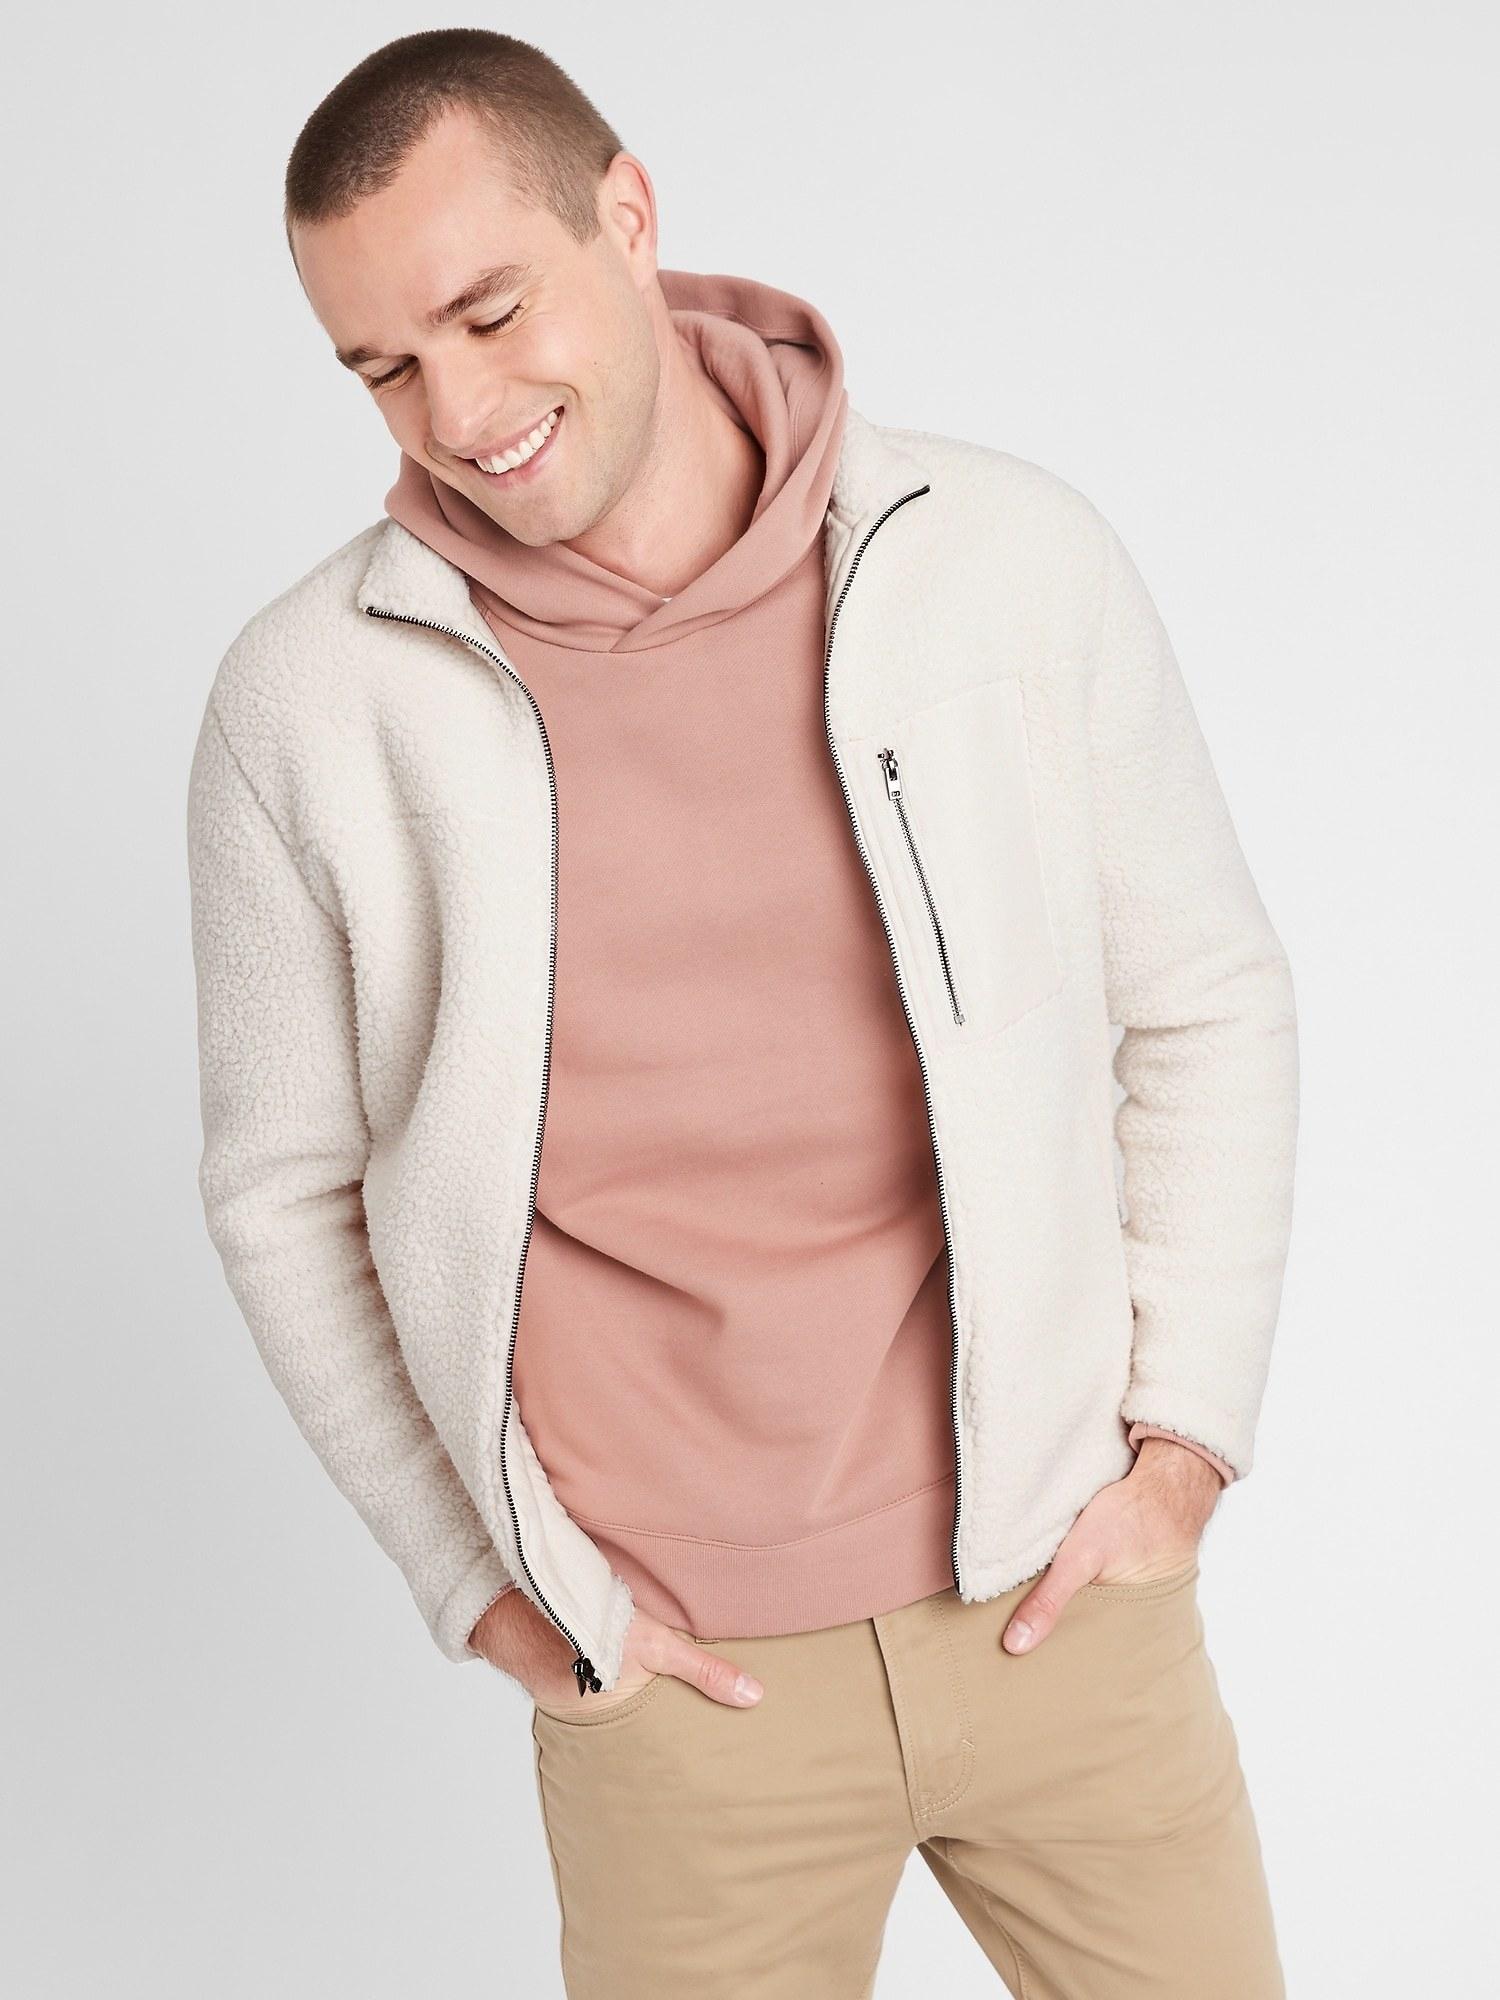 model wearing sherpa jacket in white down